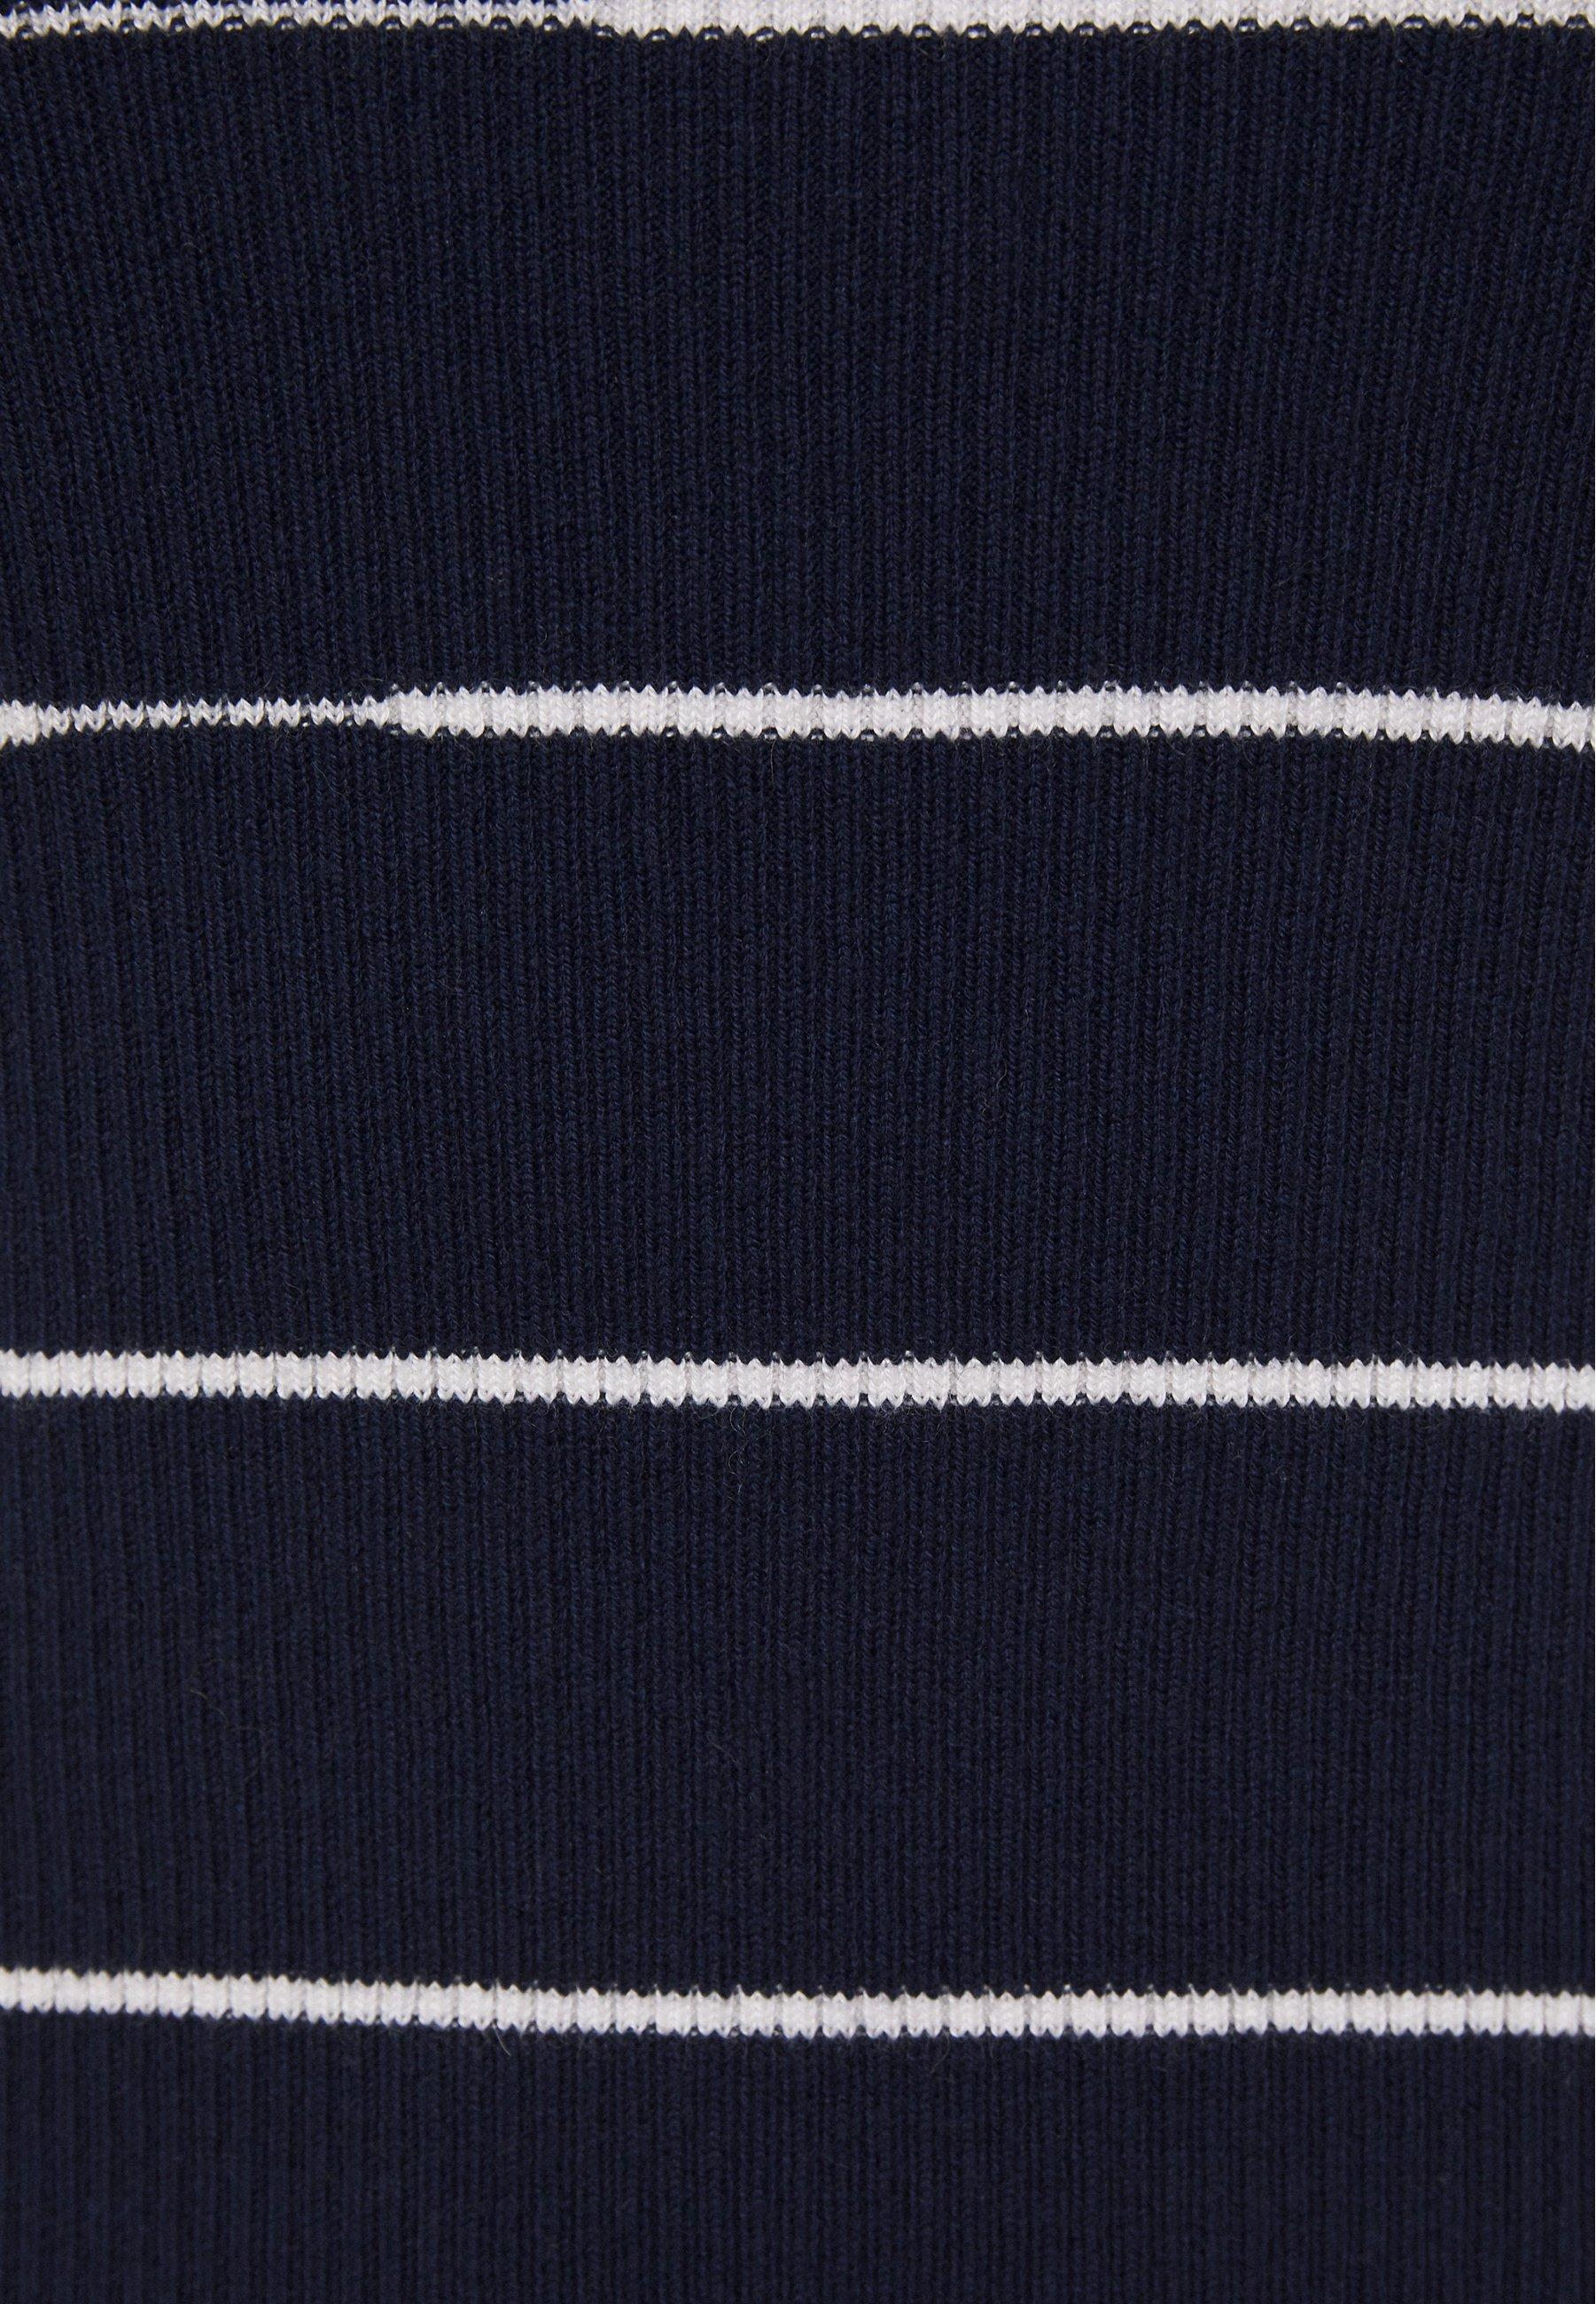 3.1 Phillip Lim Striped - T-shirts Med Print Navy/white/blå